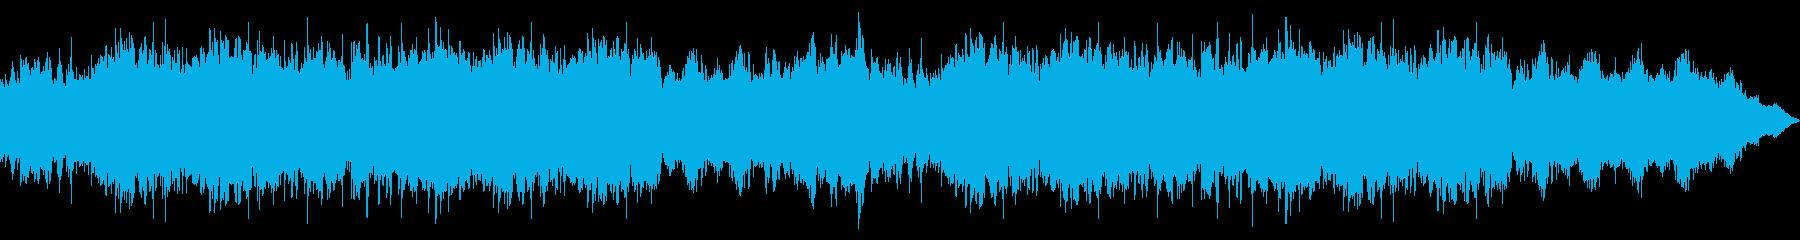 雄大なイメージのインスト曲の再生済みの波形